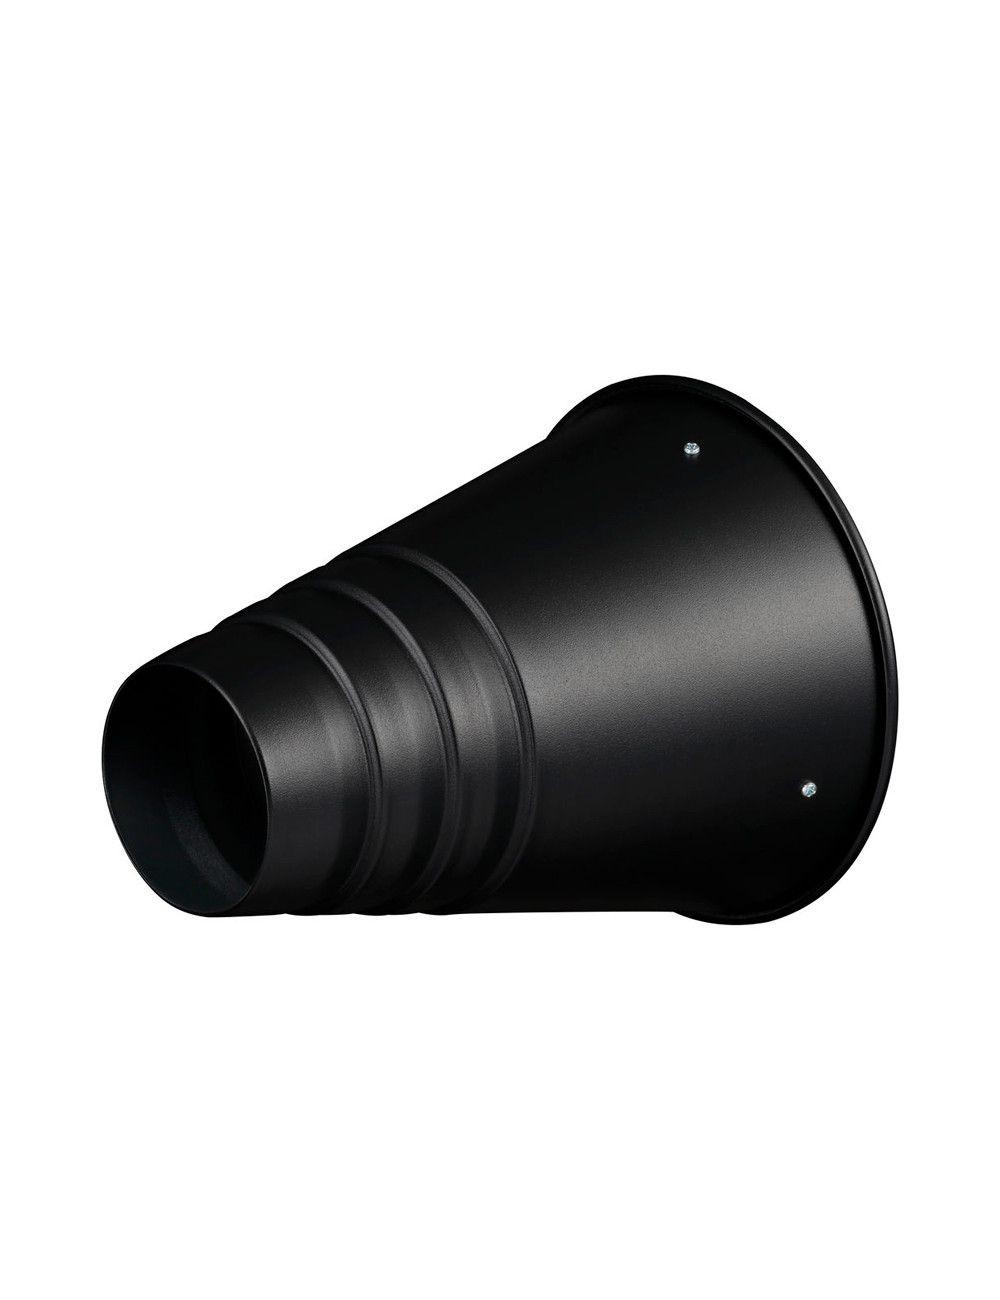 Lente Sigma 56mm F1.4 DC DN Contemporary para Sony E